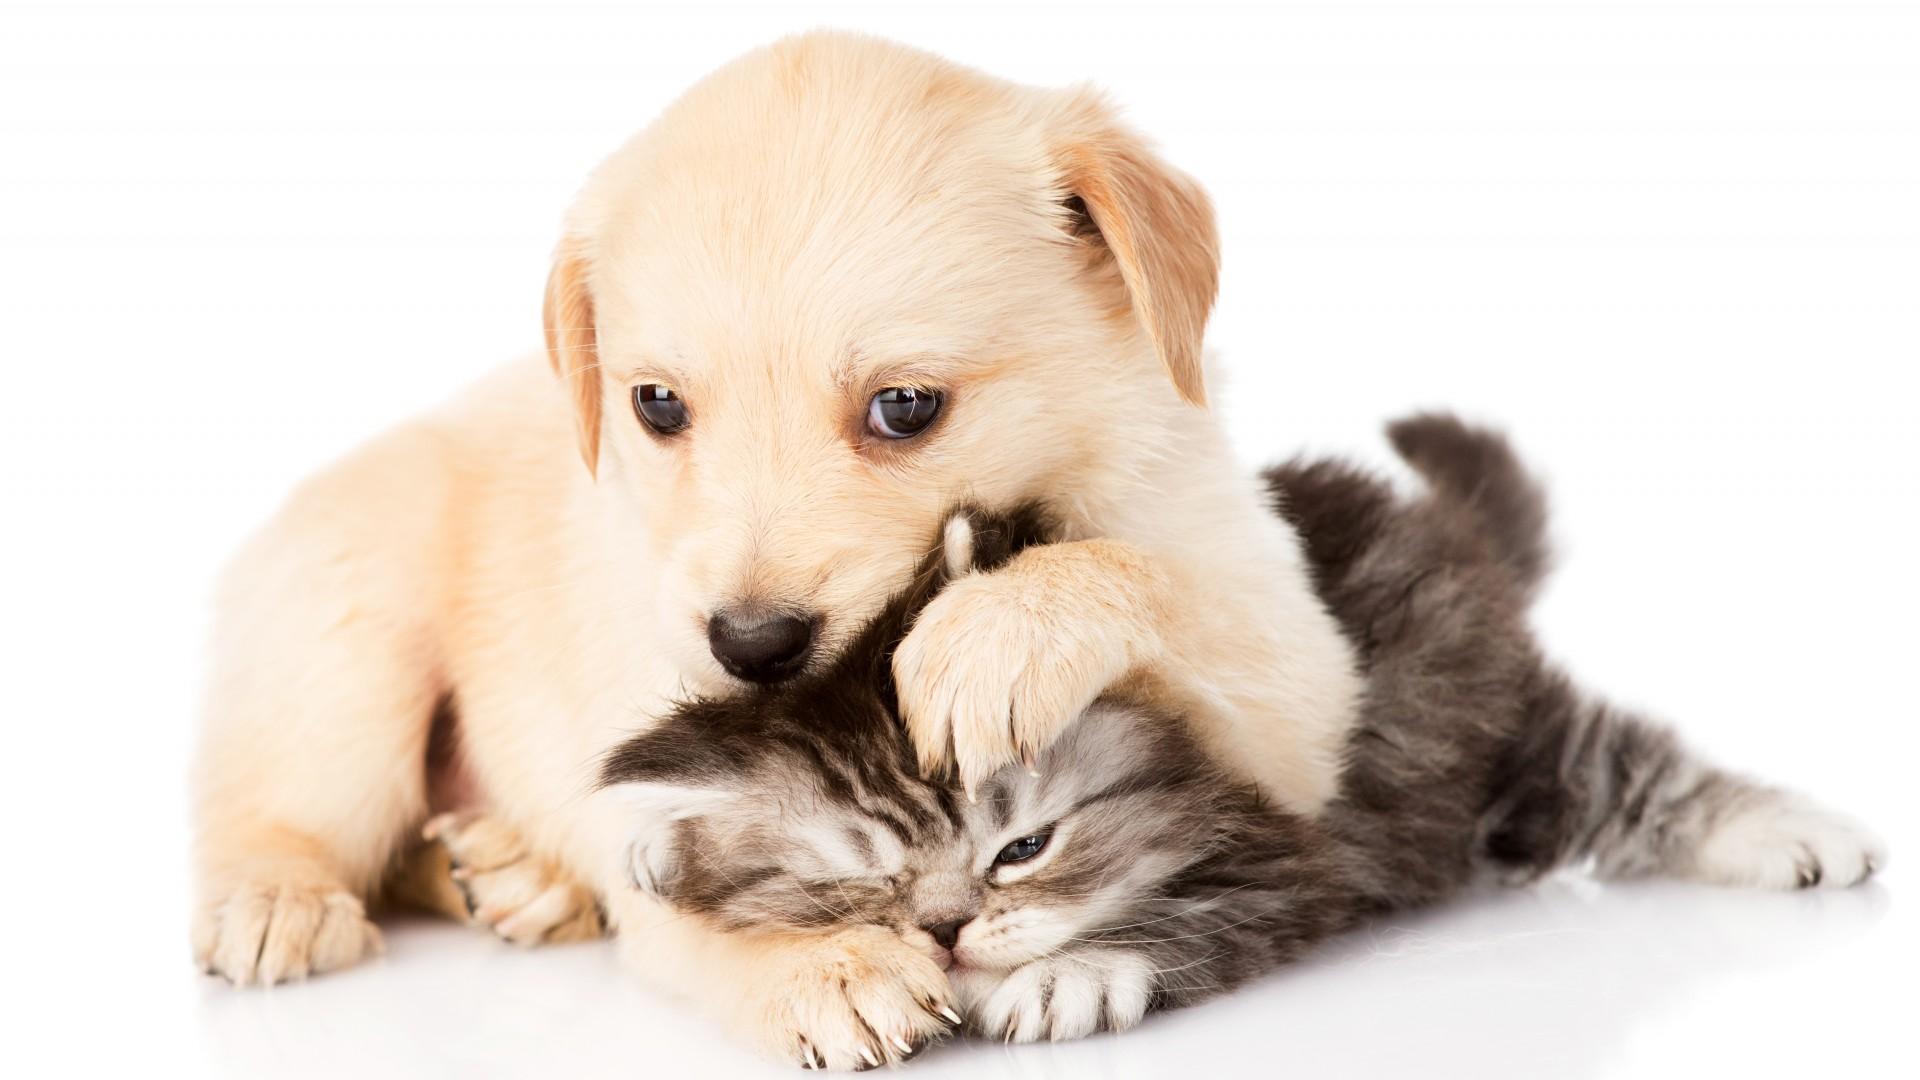 Kitten And Puppy Wallpaper [1920x1080